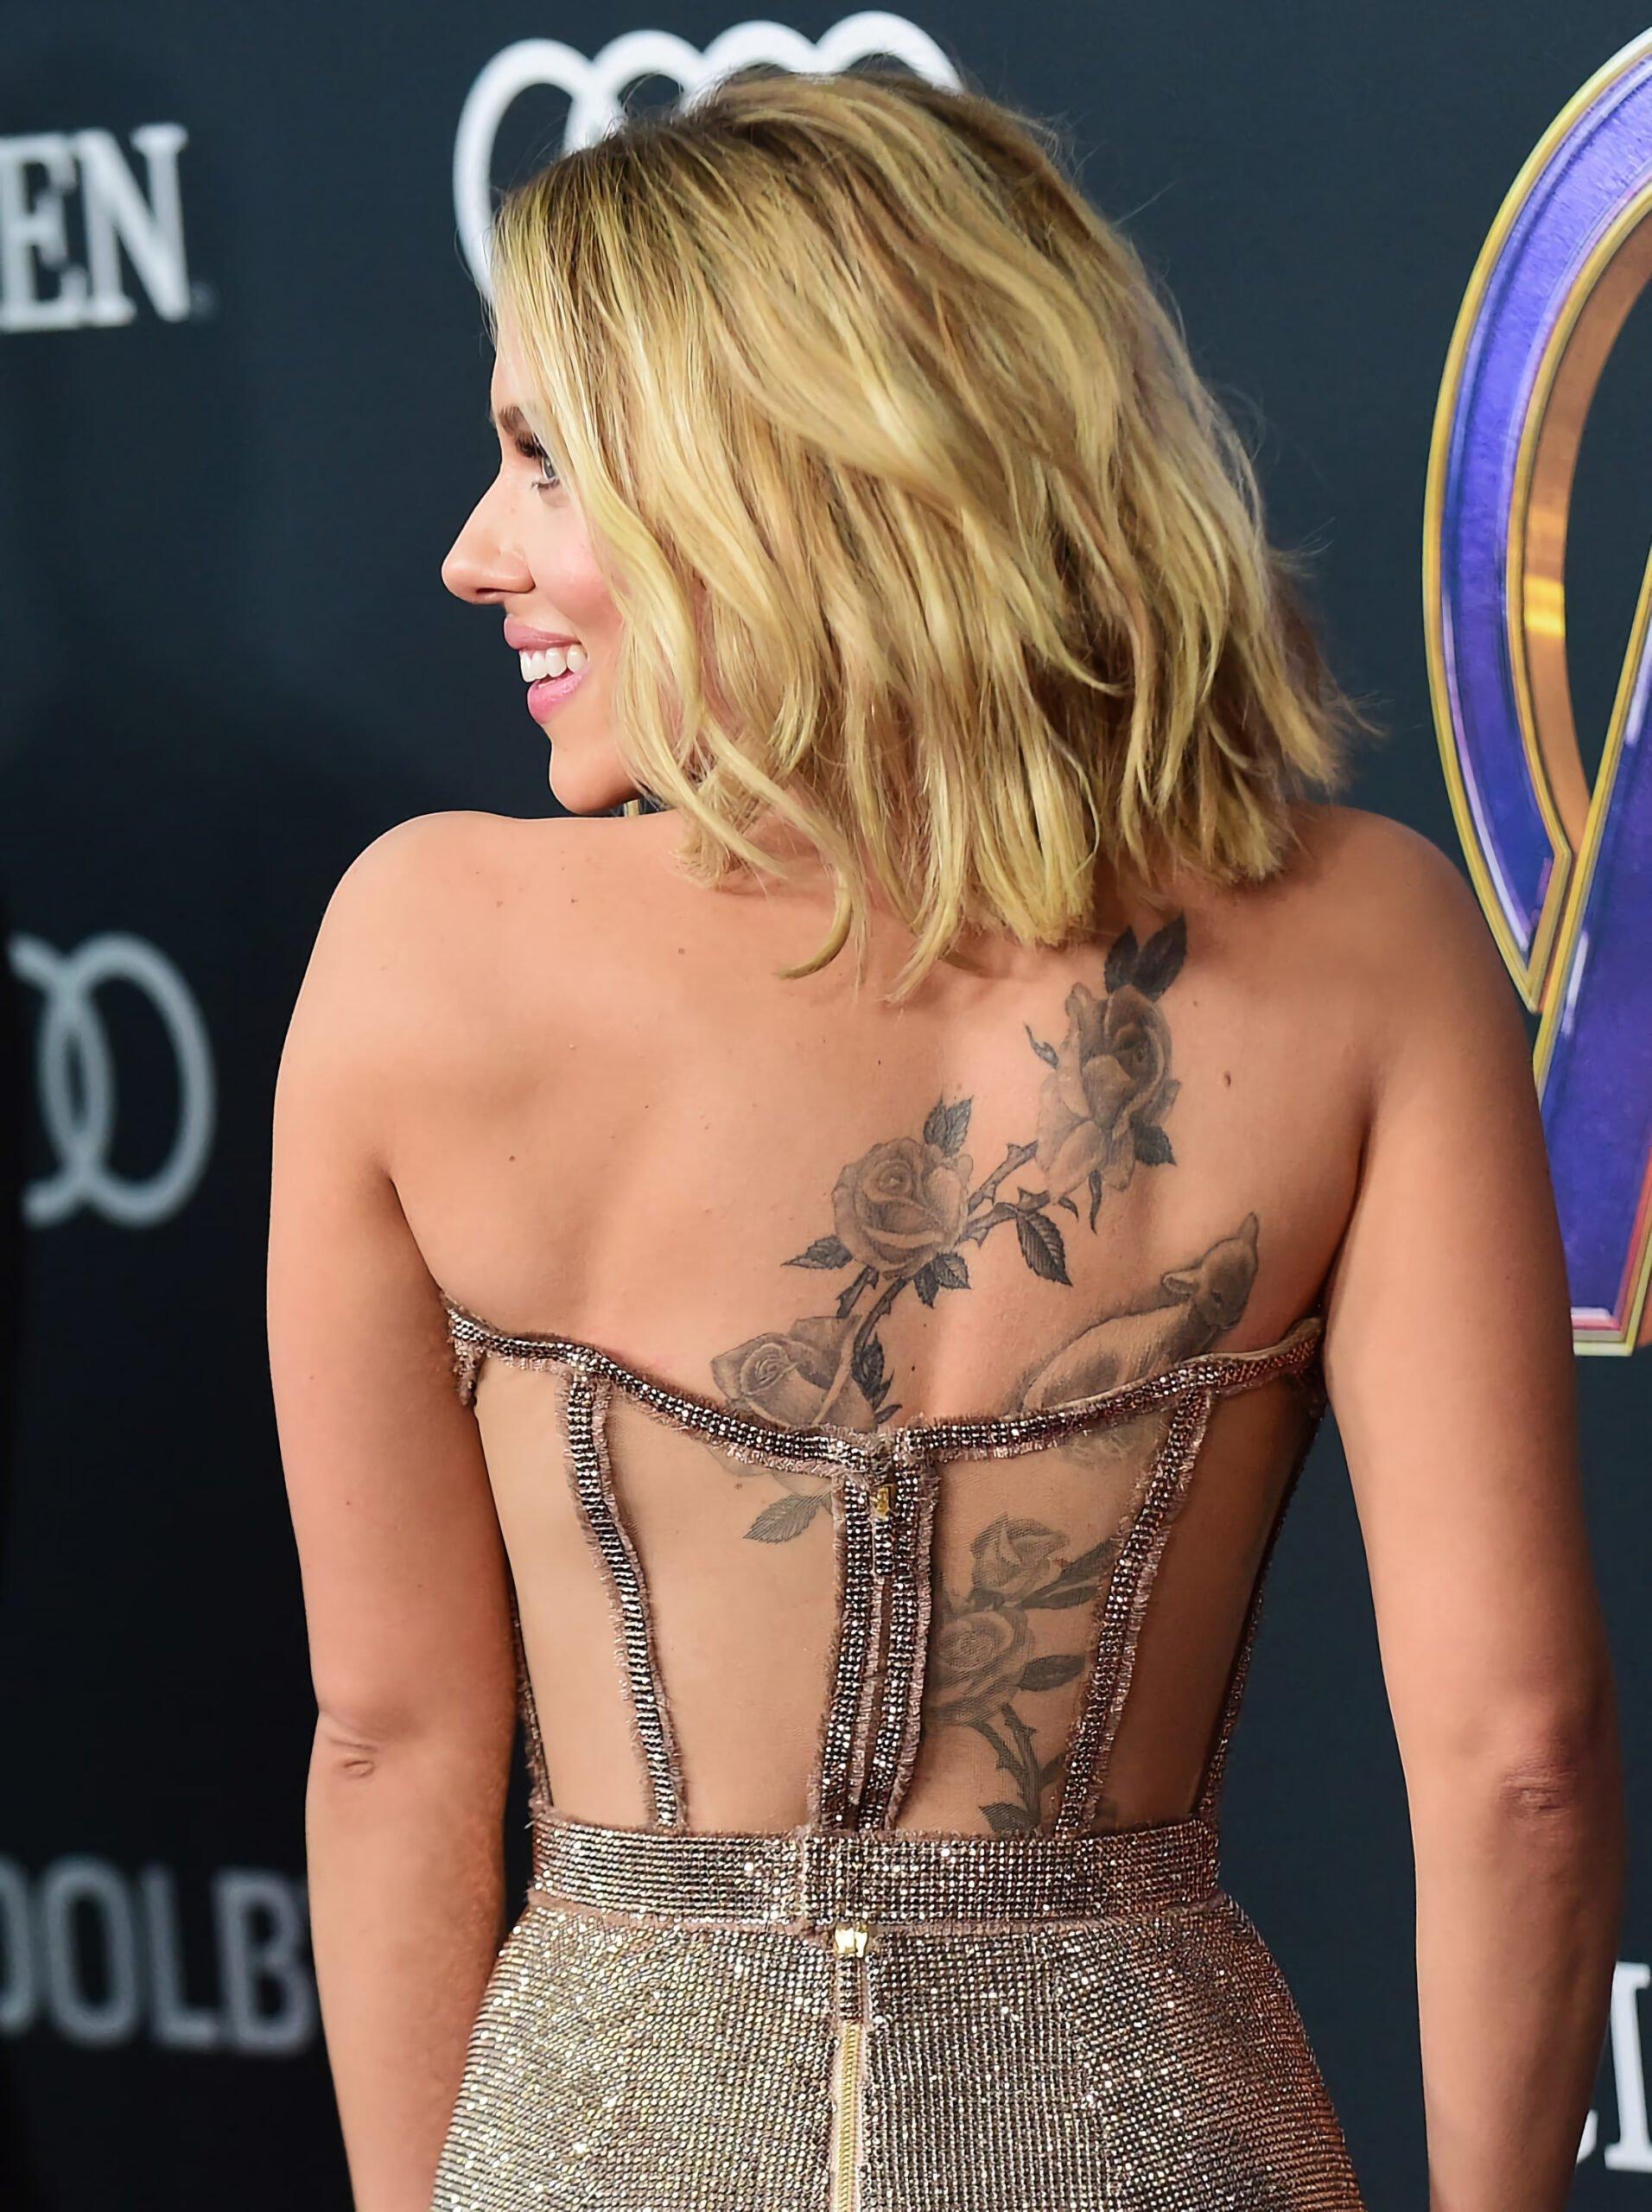 татуировка на спине в скаретт йоххансон